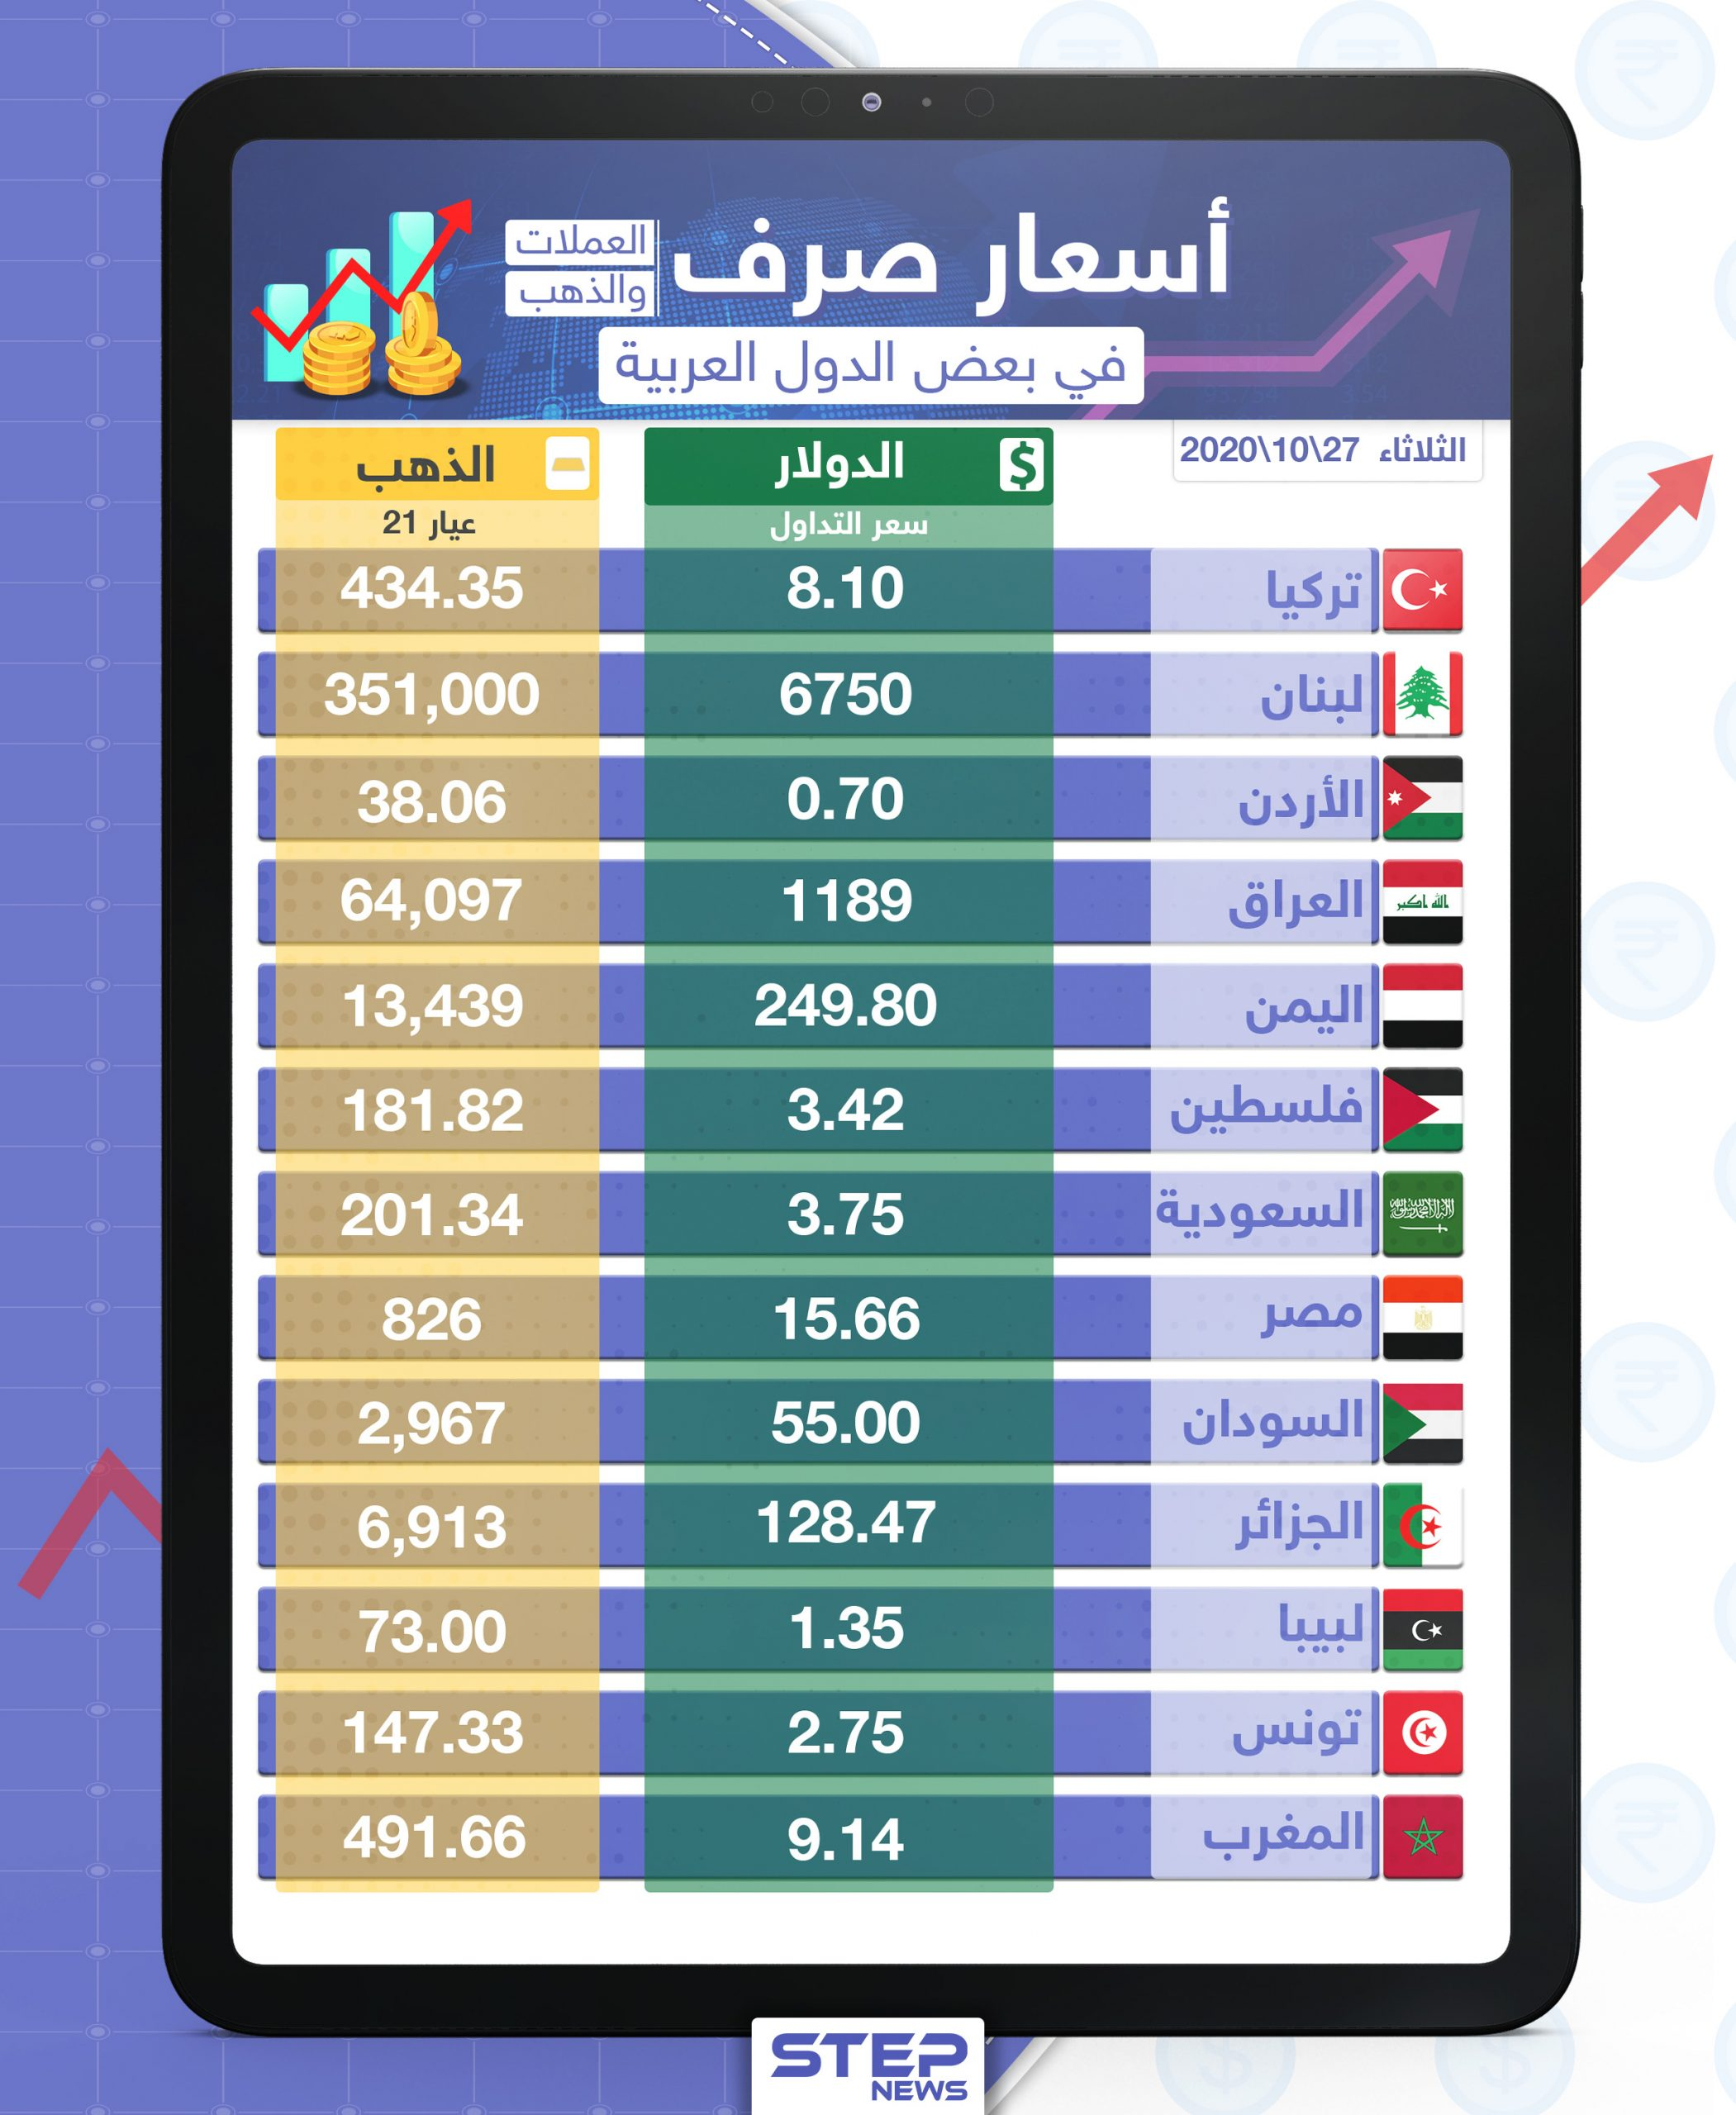 أسعار الذهب والعملات للدول العربية وتركيا اليوم الثلاثاء الموافق 27 تشرين الأول 2020